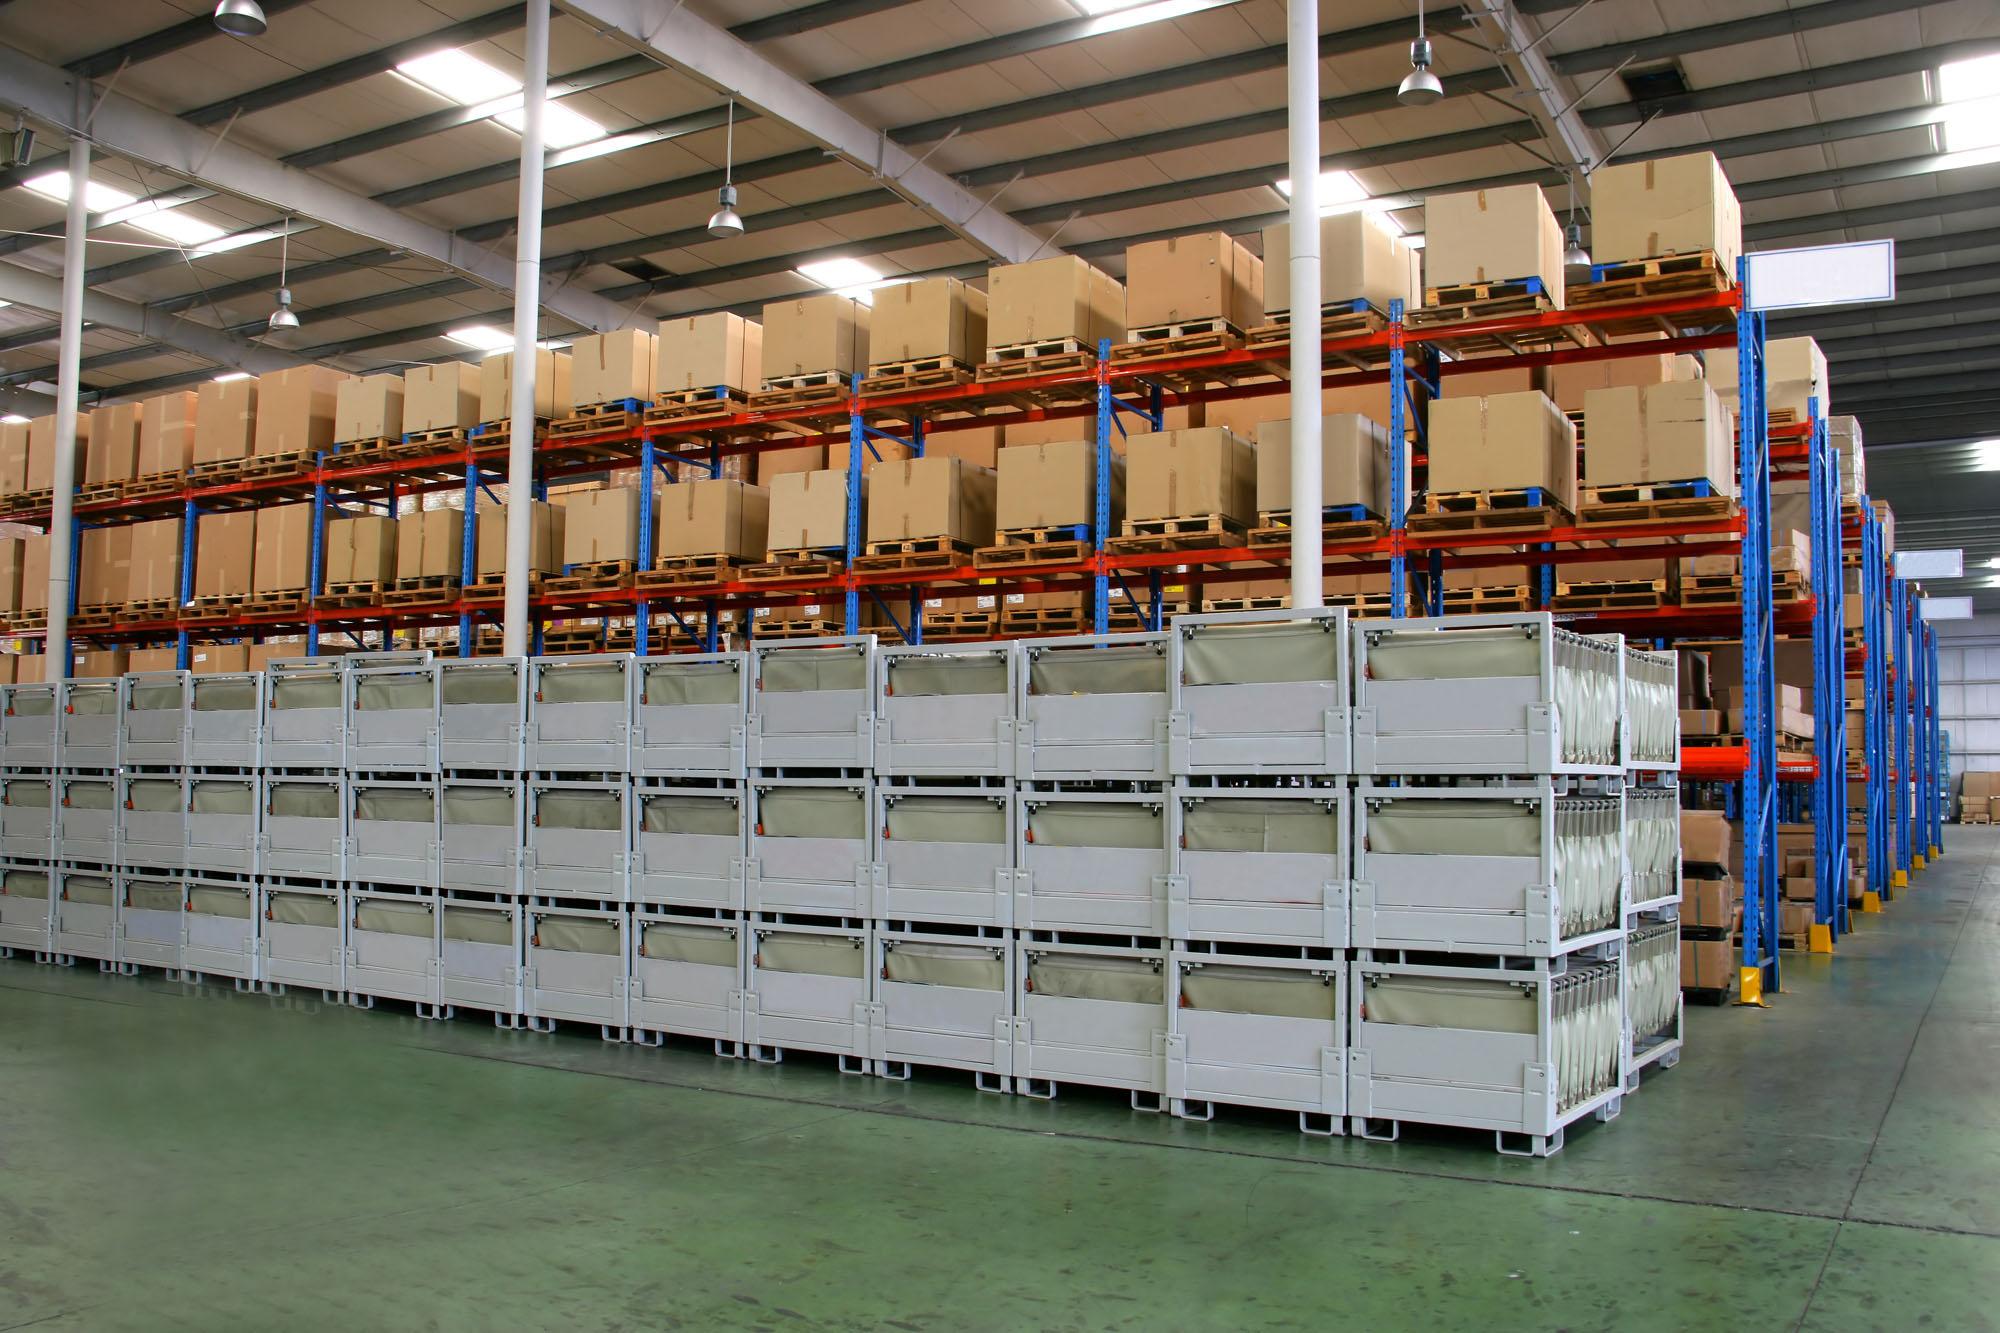 Super Health Center Warehousing